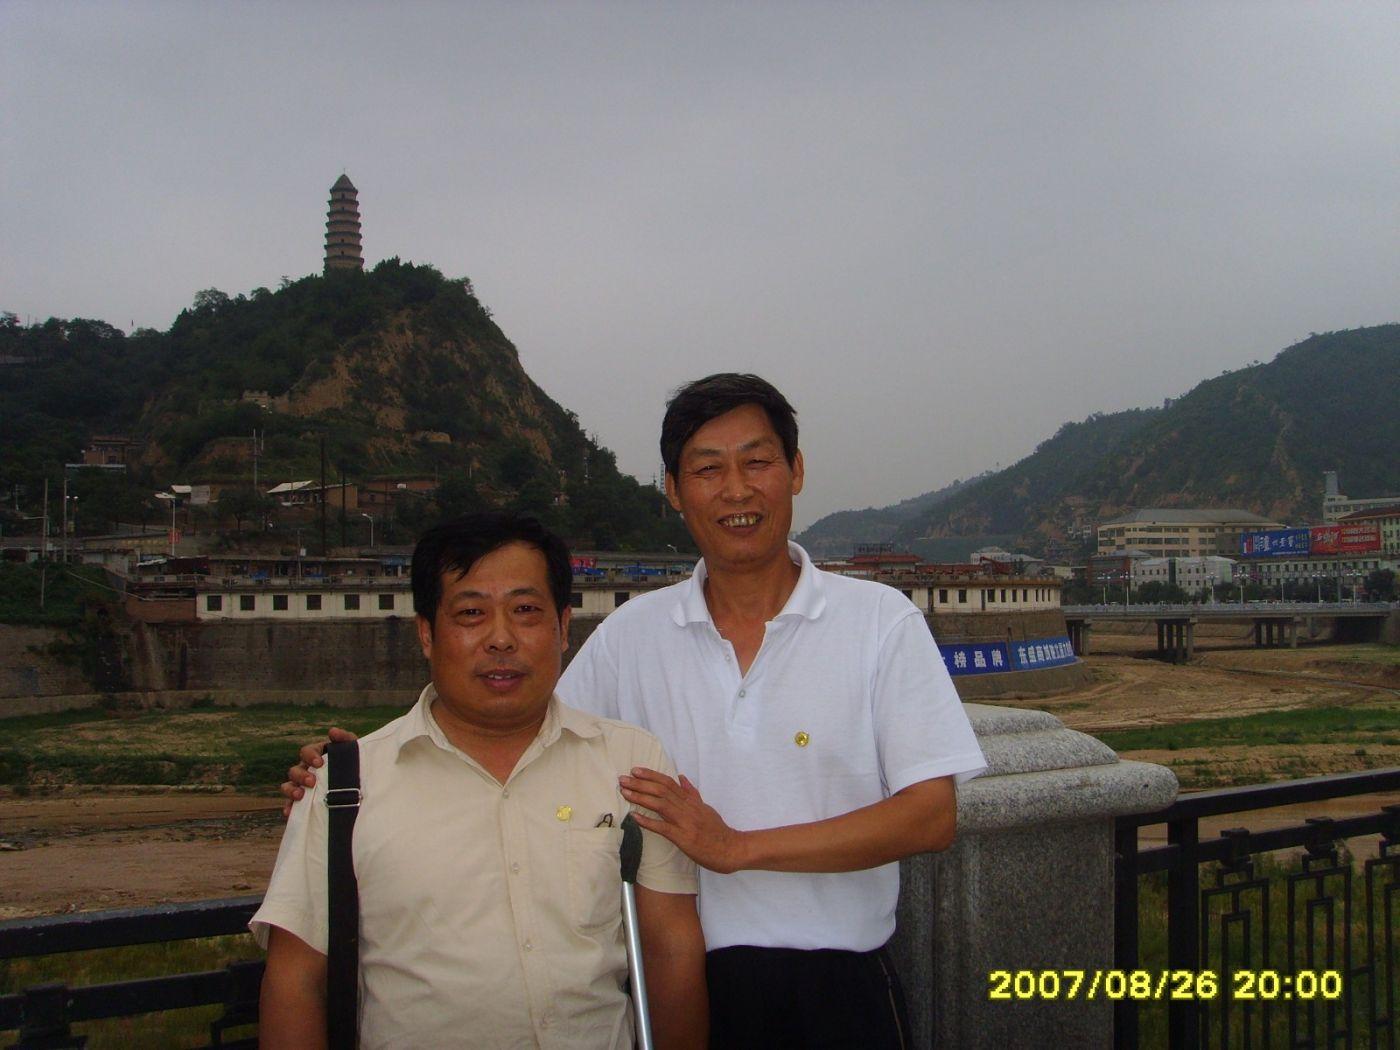 在陕西的记忆_图1-23